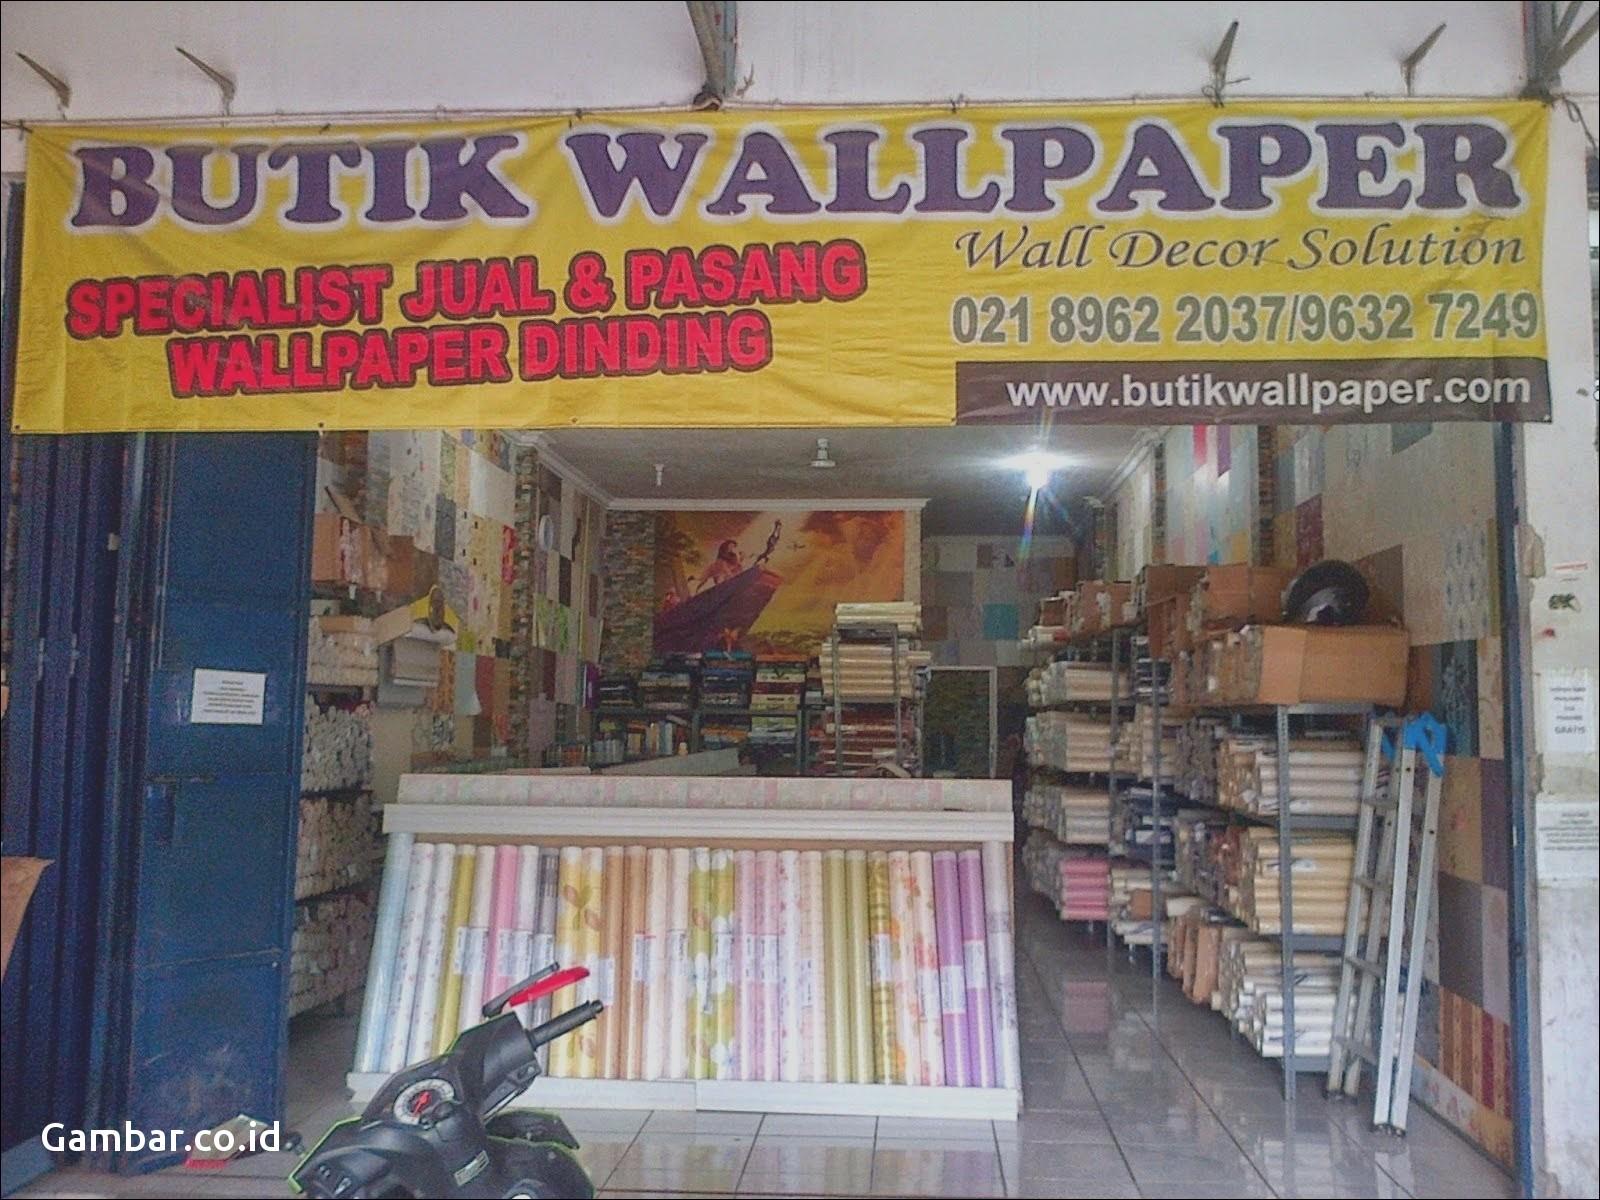 Download Image - Toko Wallpaper Dinding Jakarta (#739521) - HD